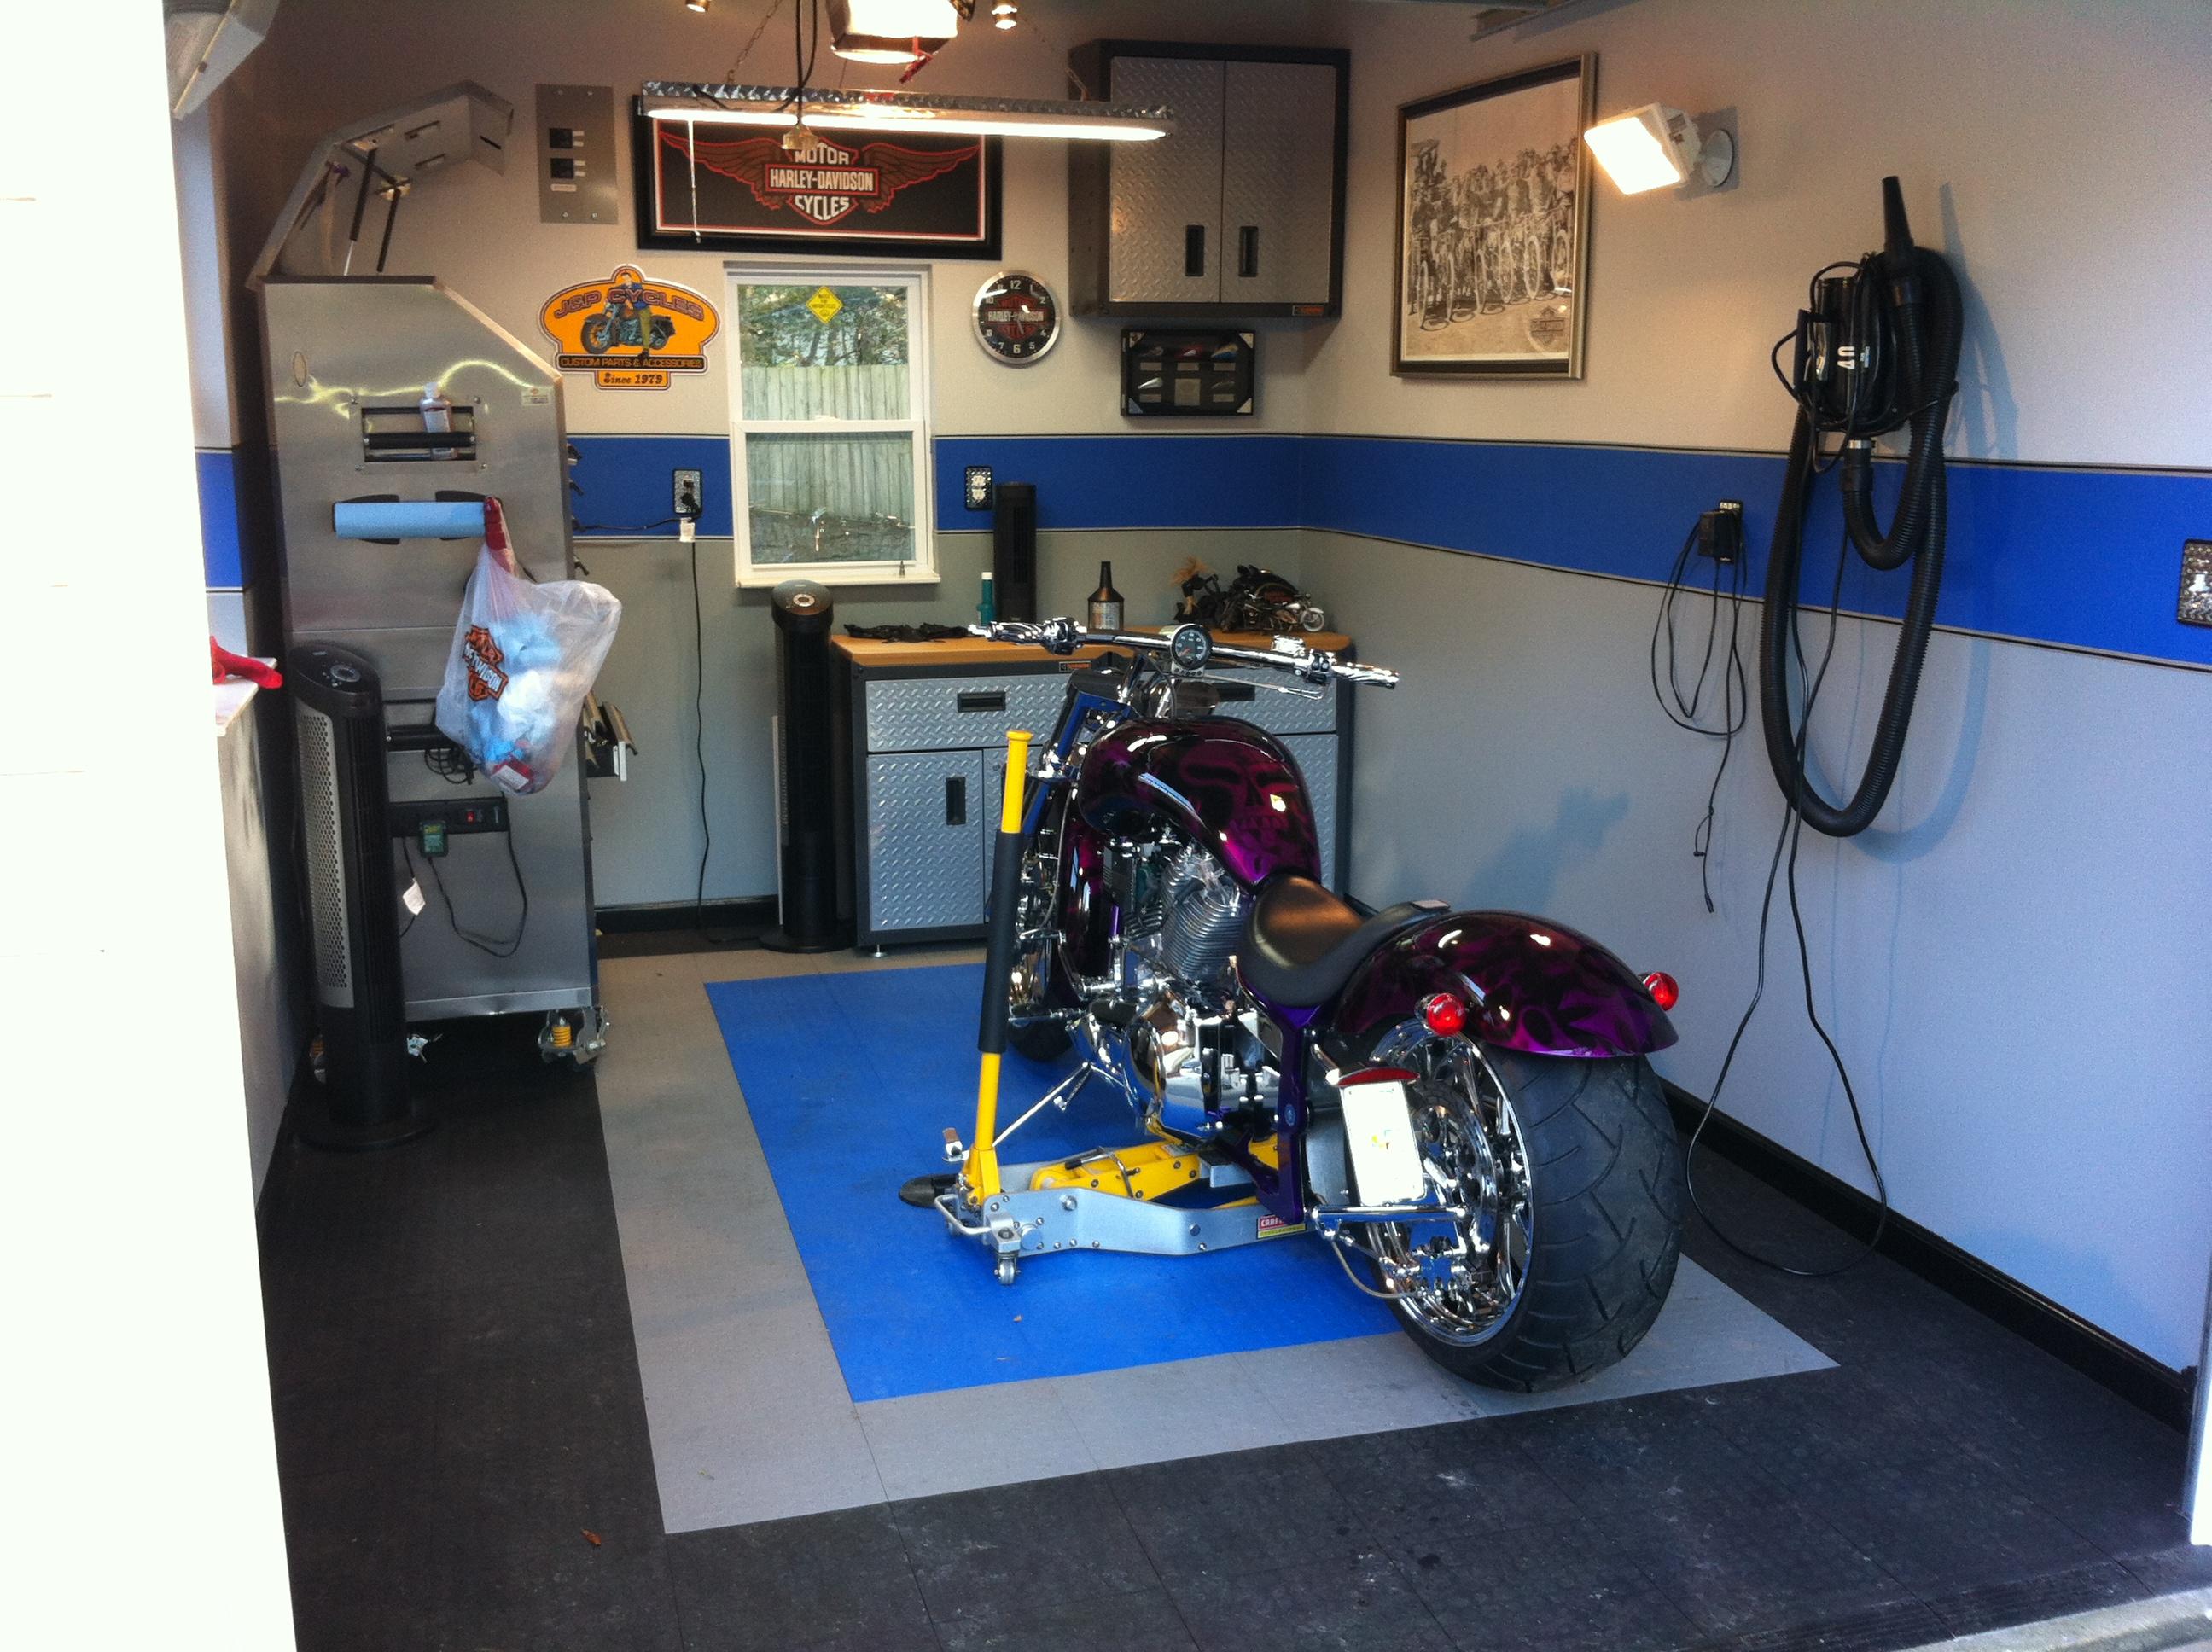 Man Cave Garage Clocks : Vintage impala corvette hubcap clock man cave garage by dables